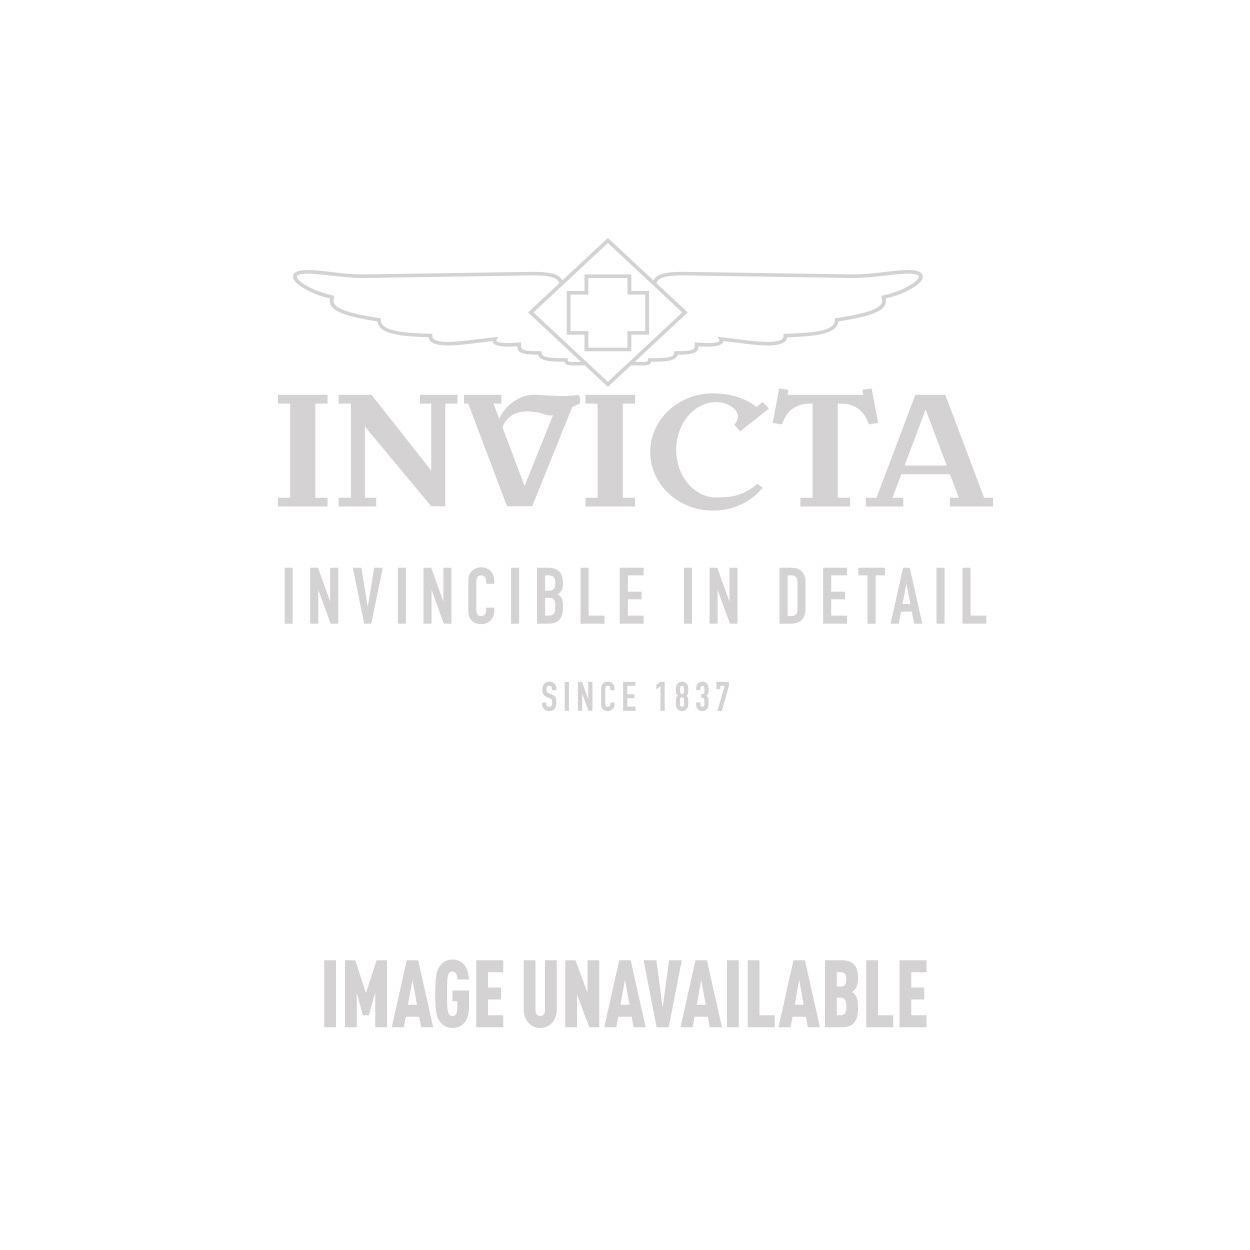 Invicta Model 29148